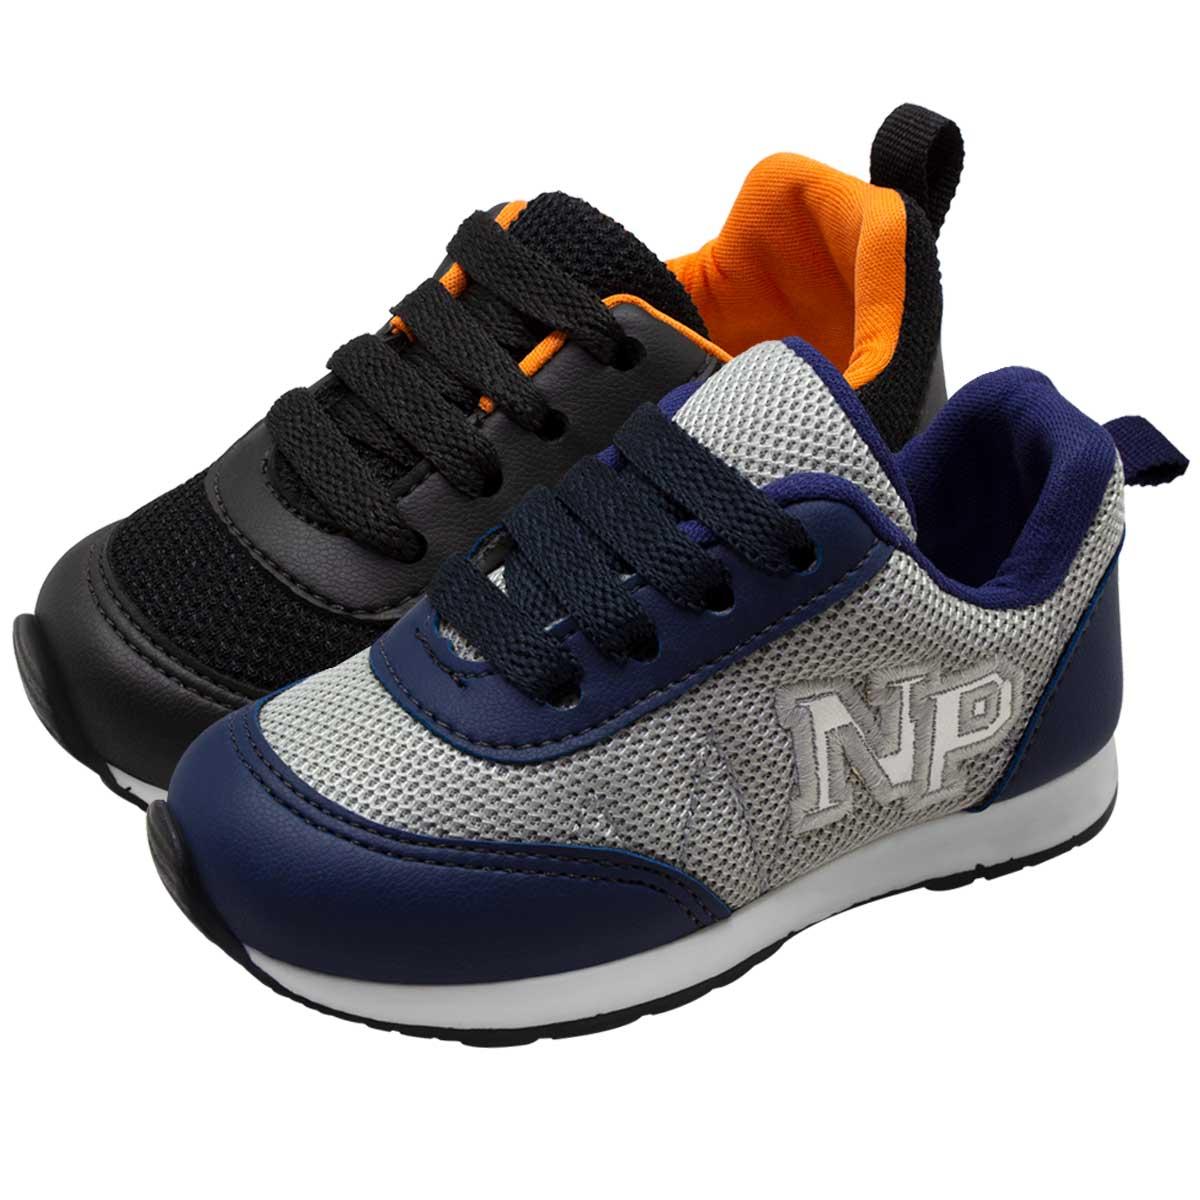 Kit 02 Pares de tênis  jogging  c/biqueira